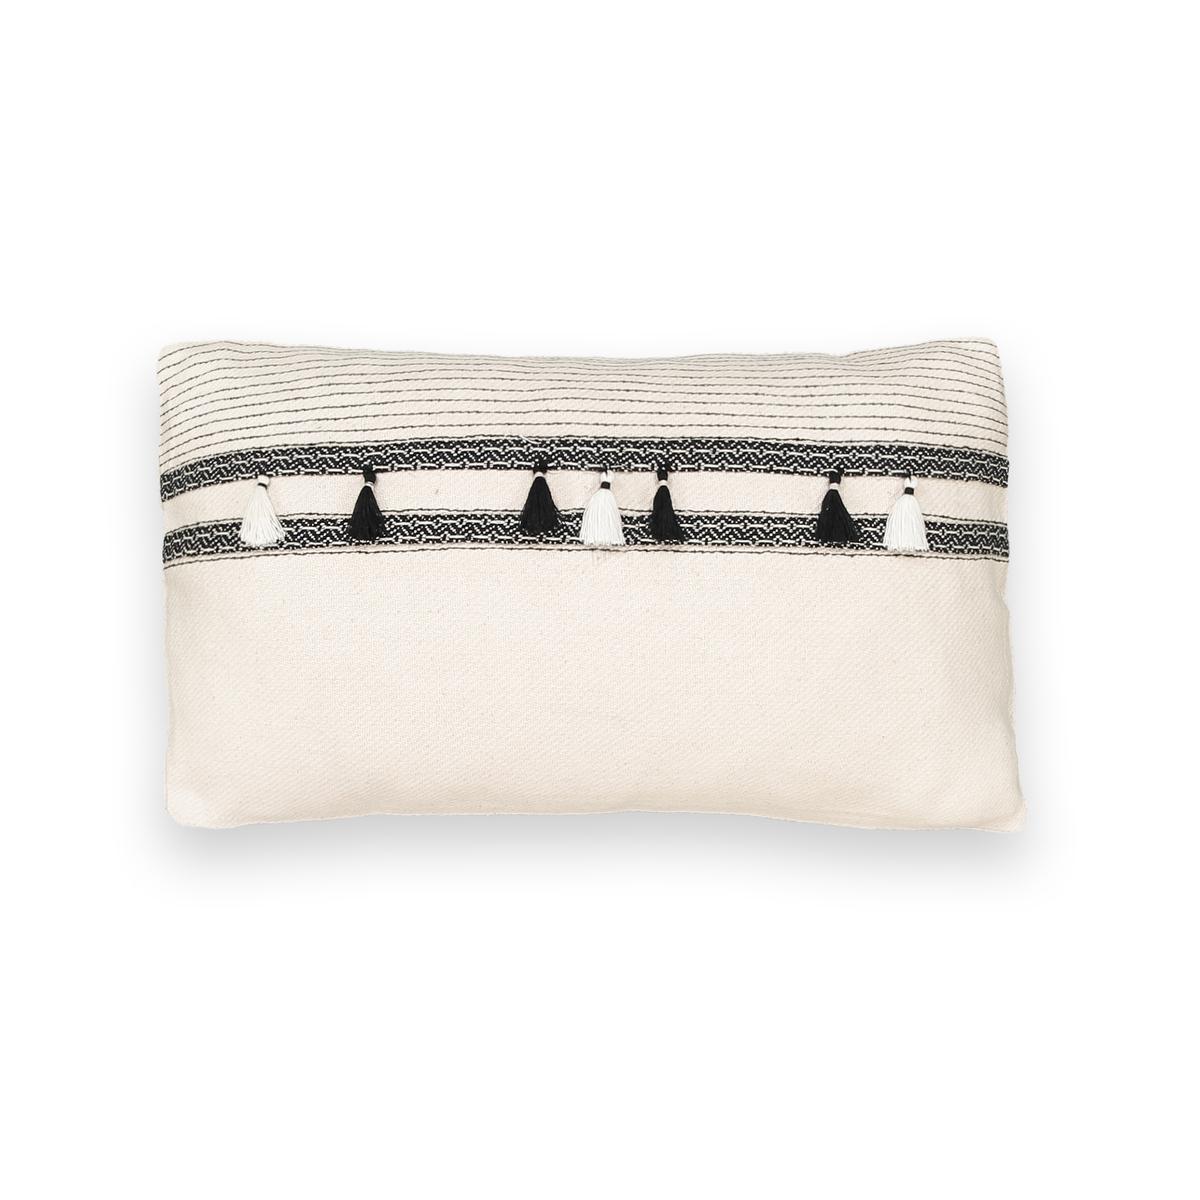 Чехол на подушку-валик PARFETO валик fit 01853